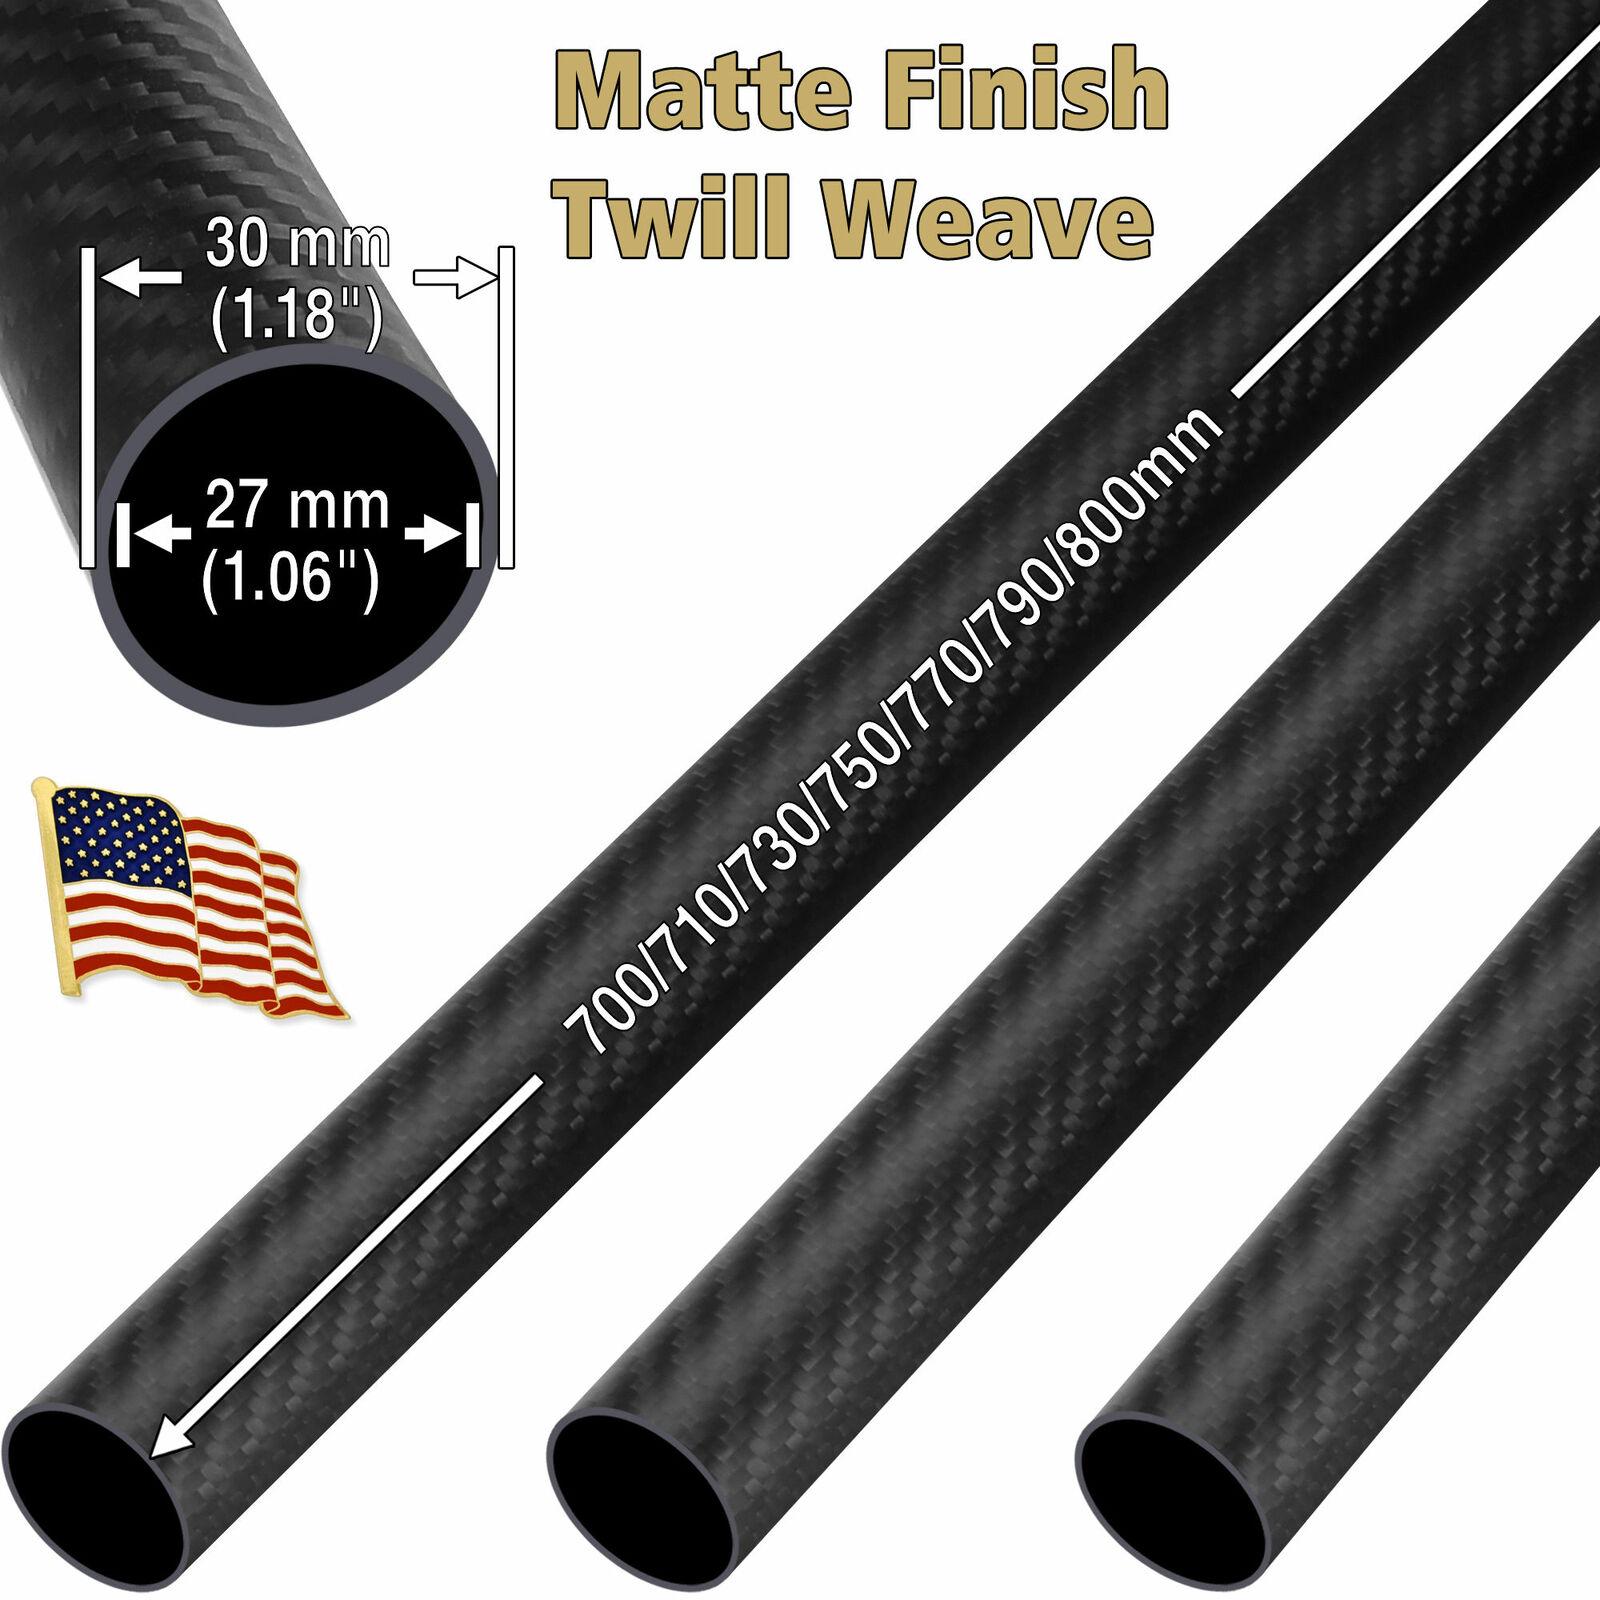 OD 30mm x ID 27mm x 700 720 750 800mm Matte Twill Weave 3K autobon Fiber Tube